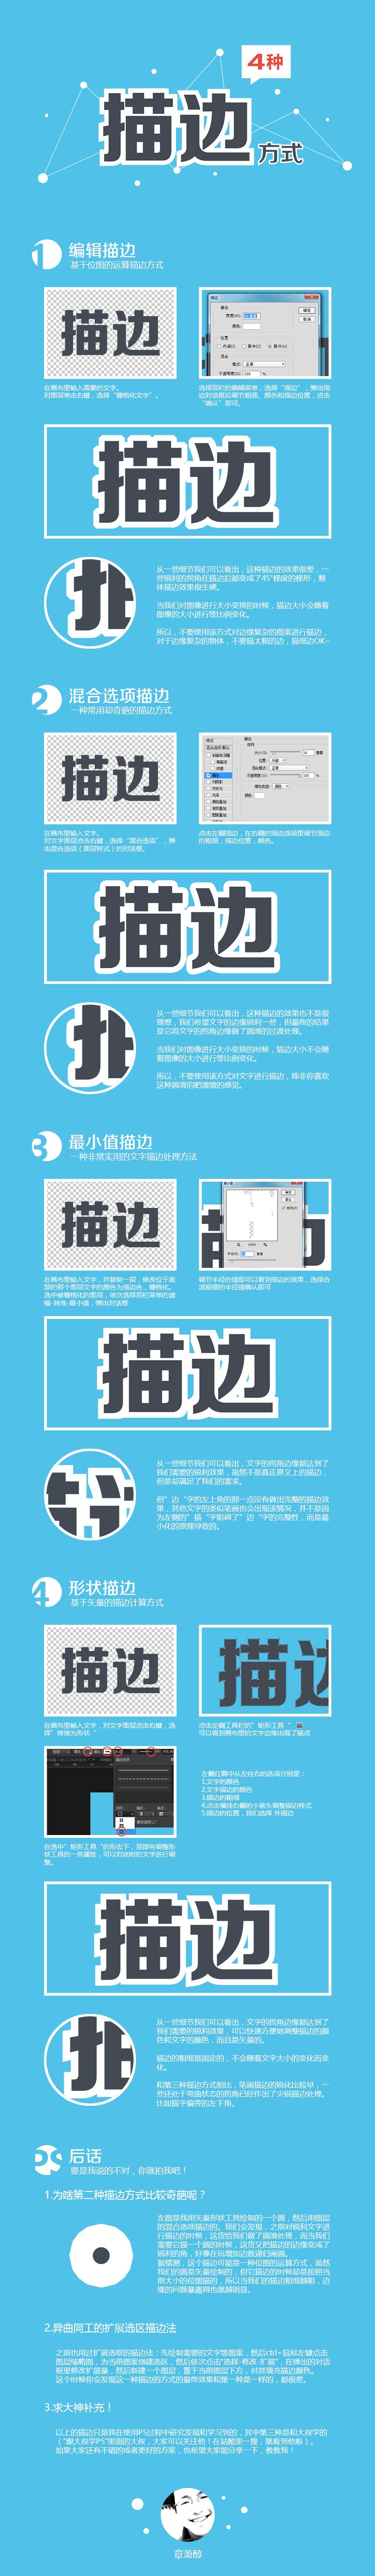 安徽毅耘科技有限公司,安徽app开发,合肥APP开发,PS中4种描边体例